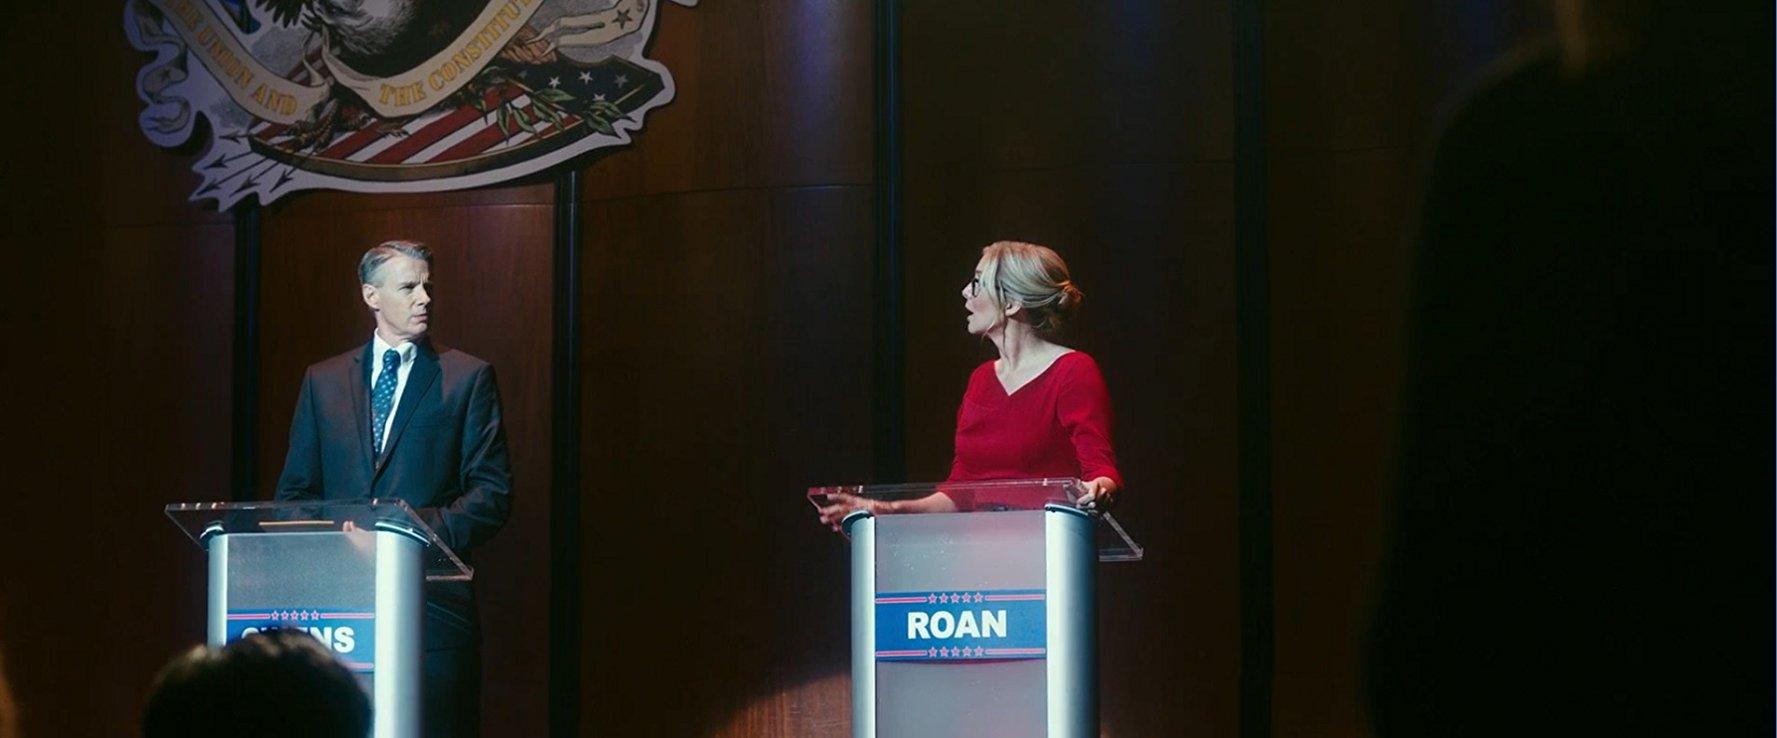 Senator Charlie Roan